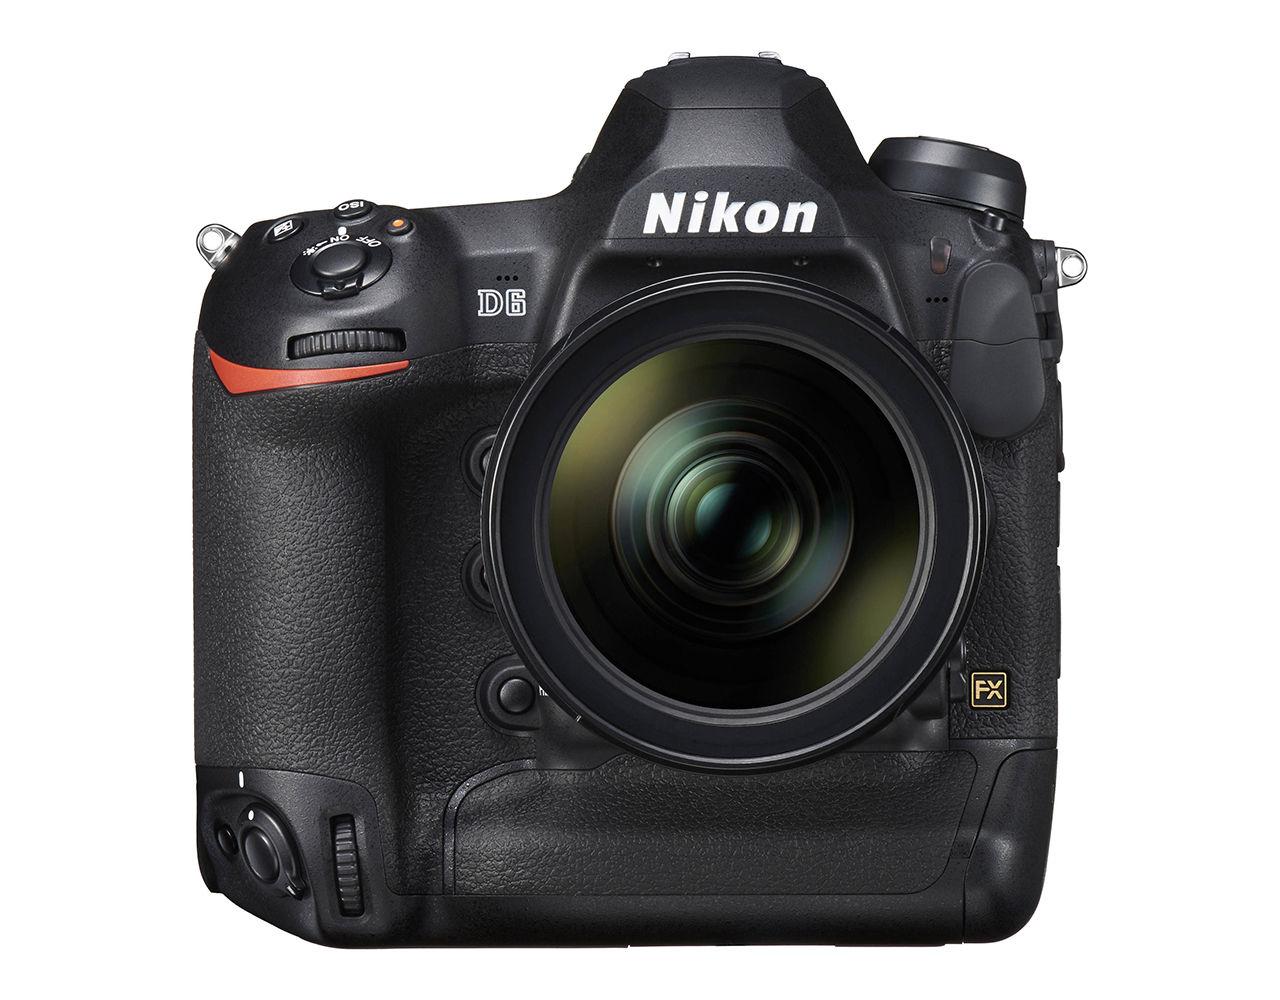 Även Nikons kameror ska gå att använda som webcams